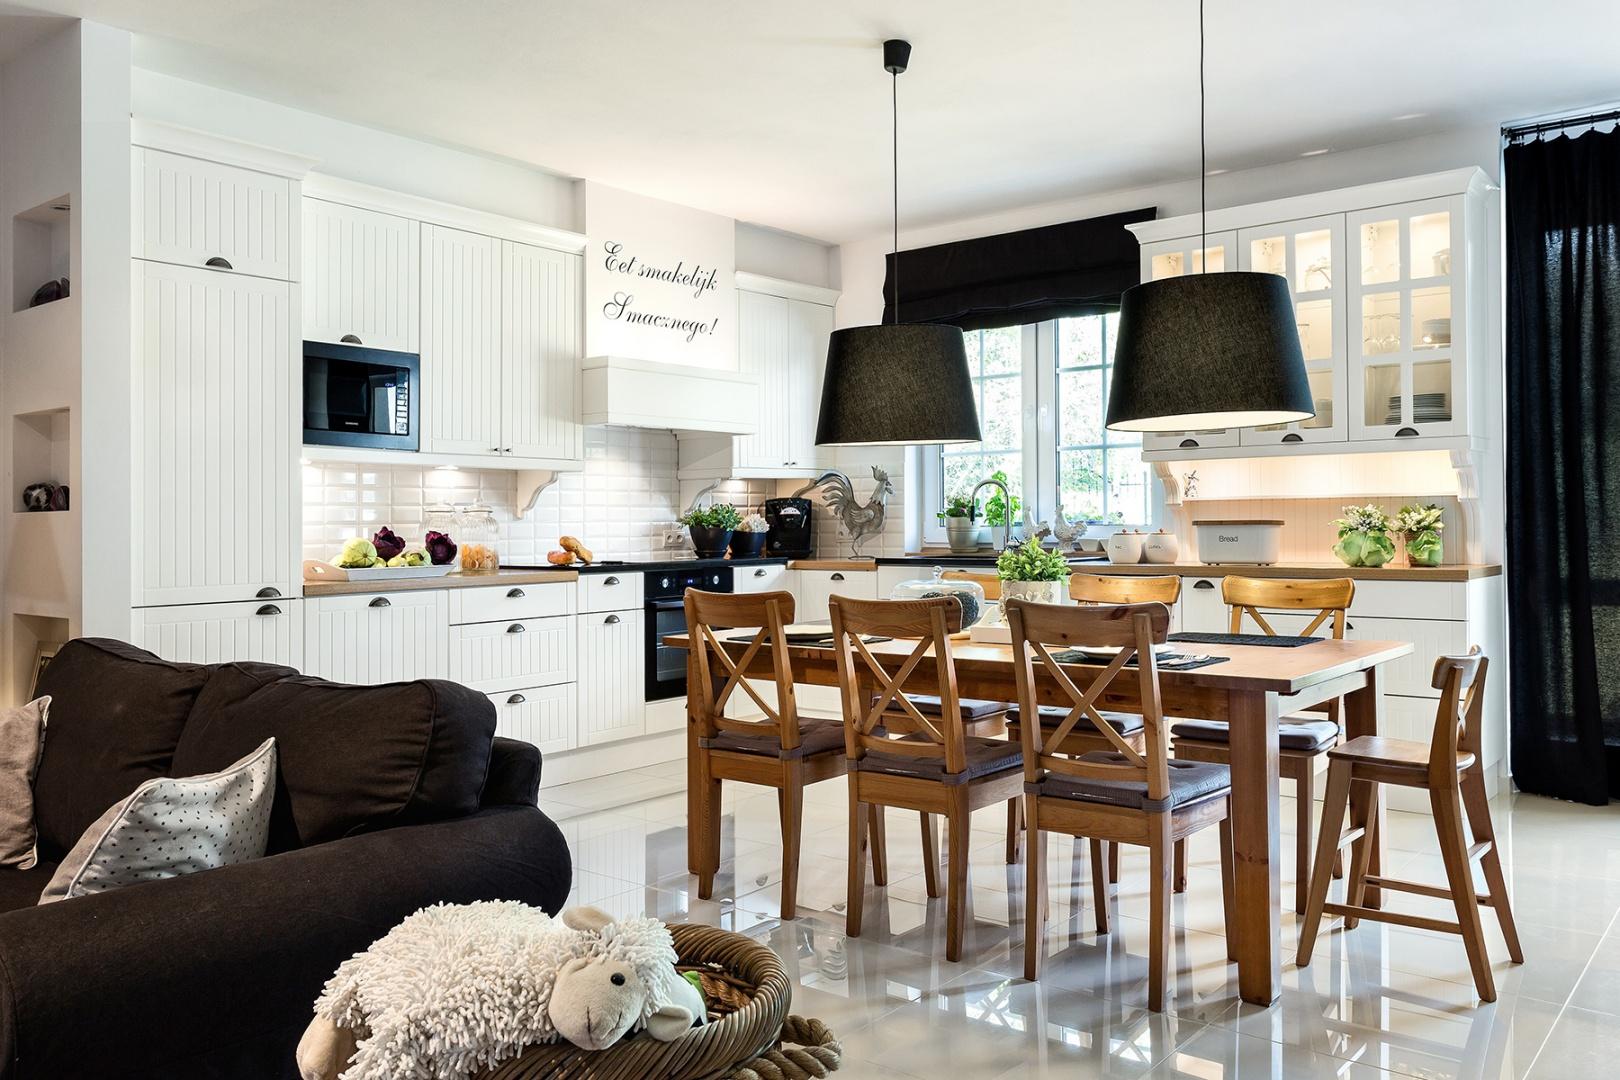 Projekt kuchni z jadalnią, nawiązujący do skandynawskiej stylistyki. Klasyczny drewniany stół i białe matowe meble z pionowym frezowaniem tworzą urokliwy zestaw. Fot. Pracownia Mebli Vigo, Max Kuchnie, Artur Krupa.